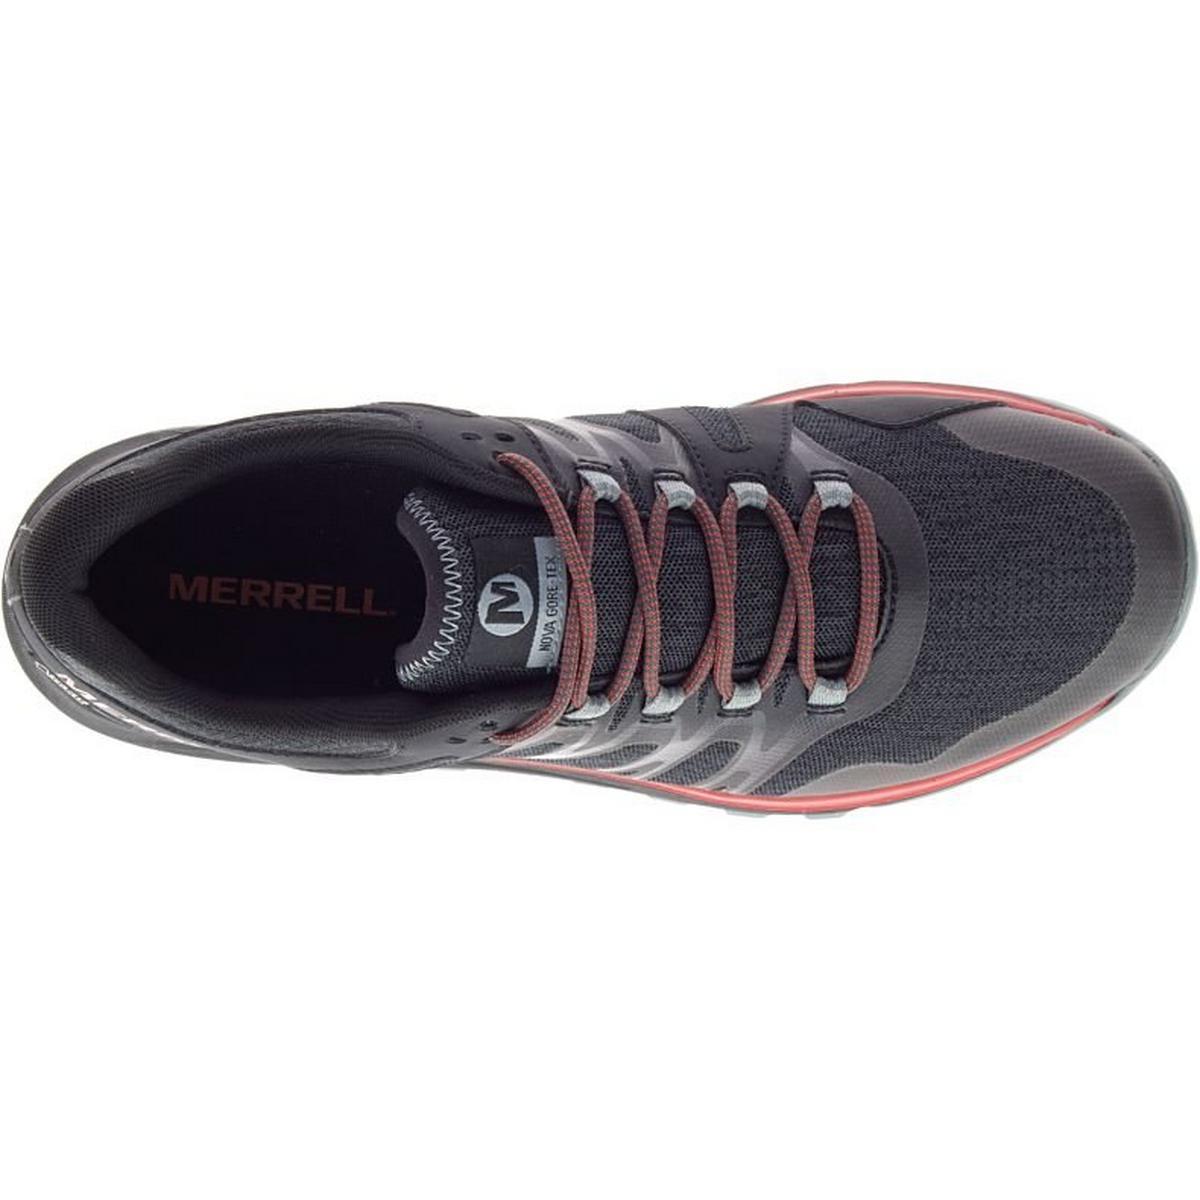 Merrell Shoes Men's Nova GTX Black